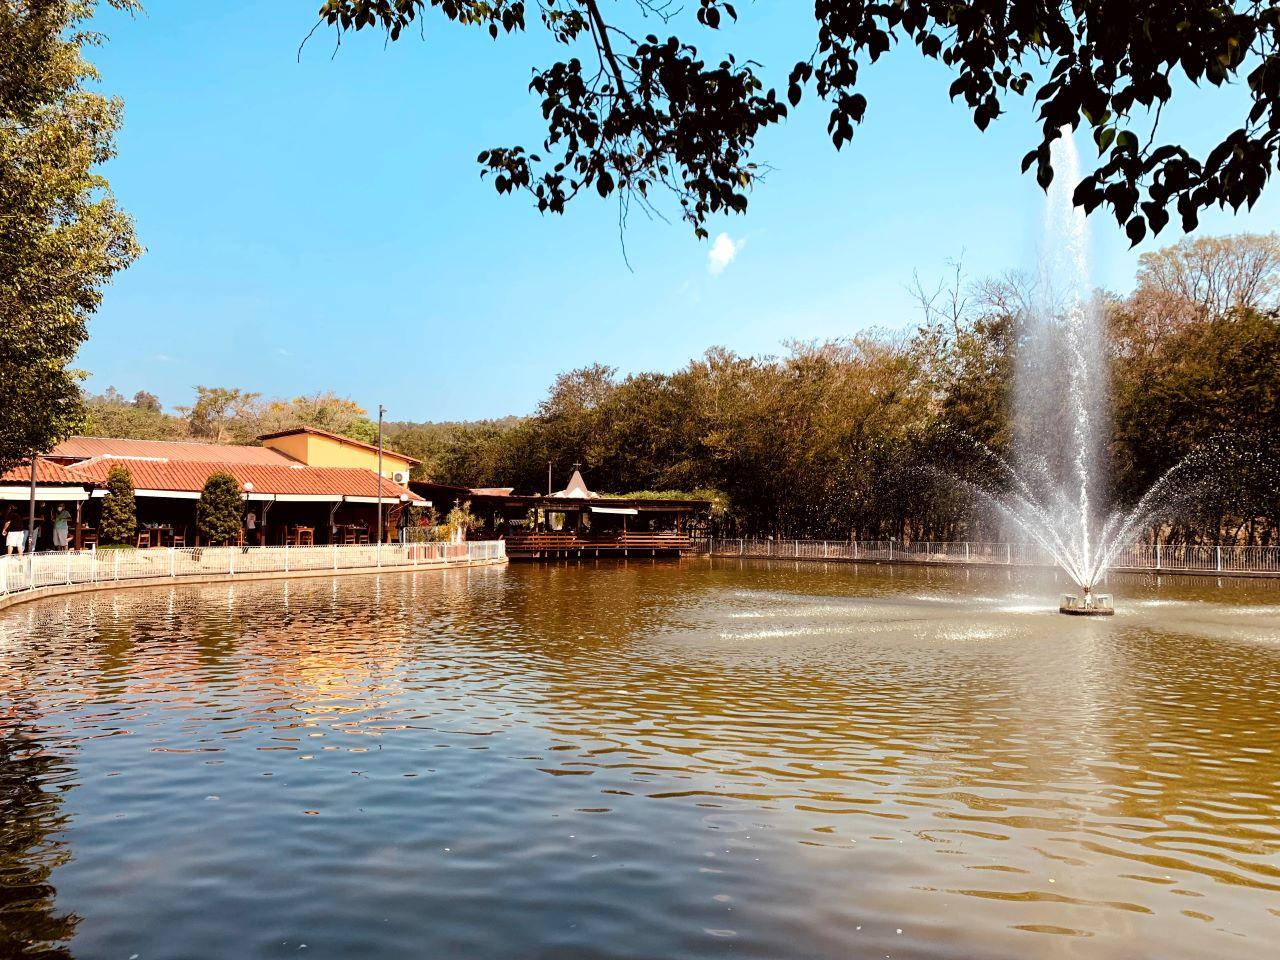 restaurante do lago em pedreira sp